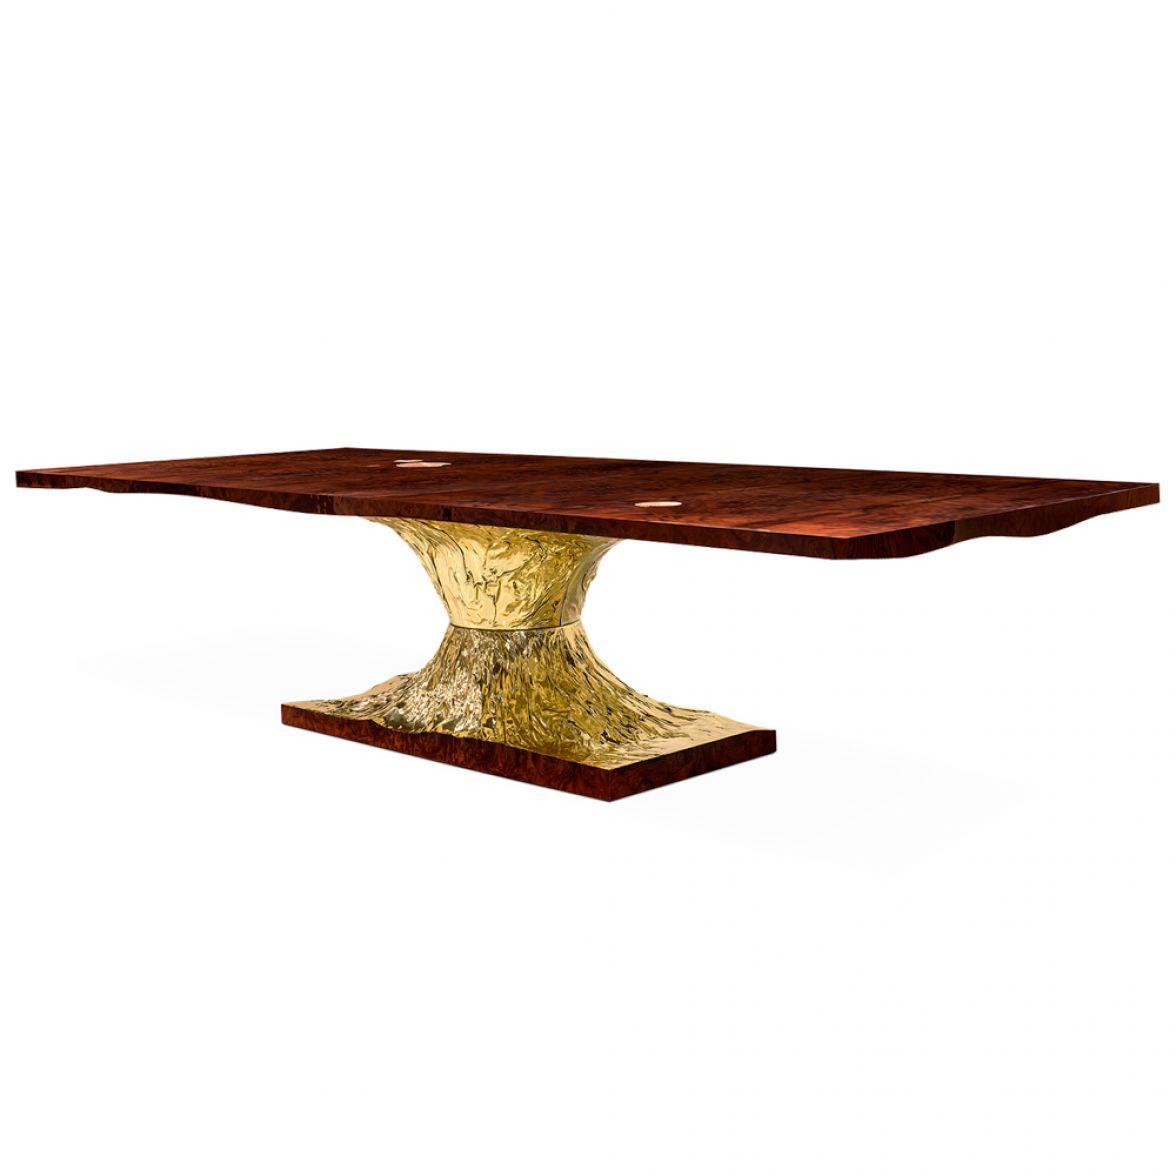 METAMORPHOSIS DINING TABLE